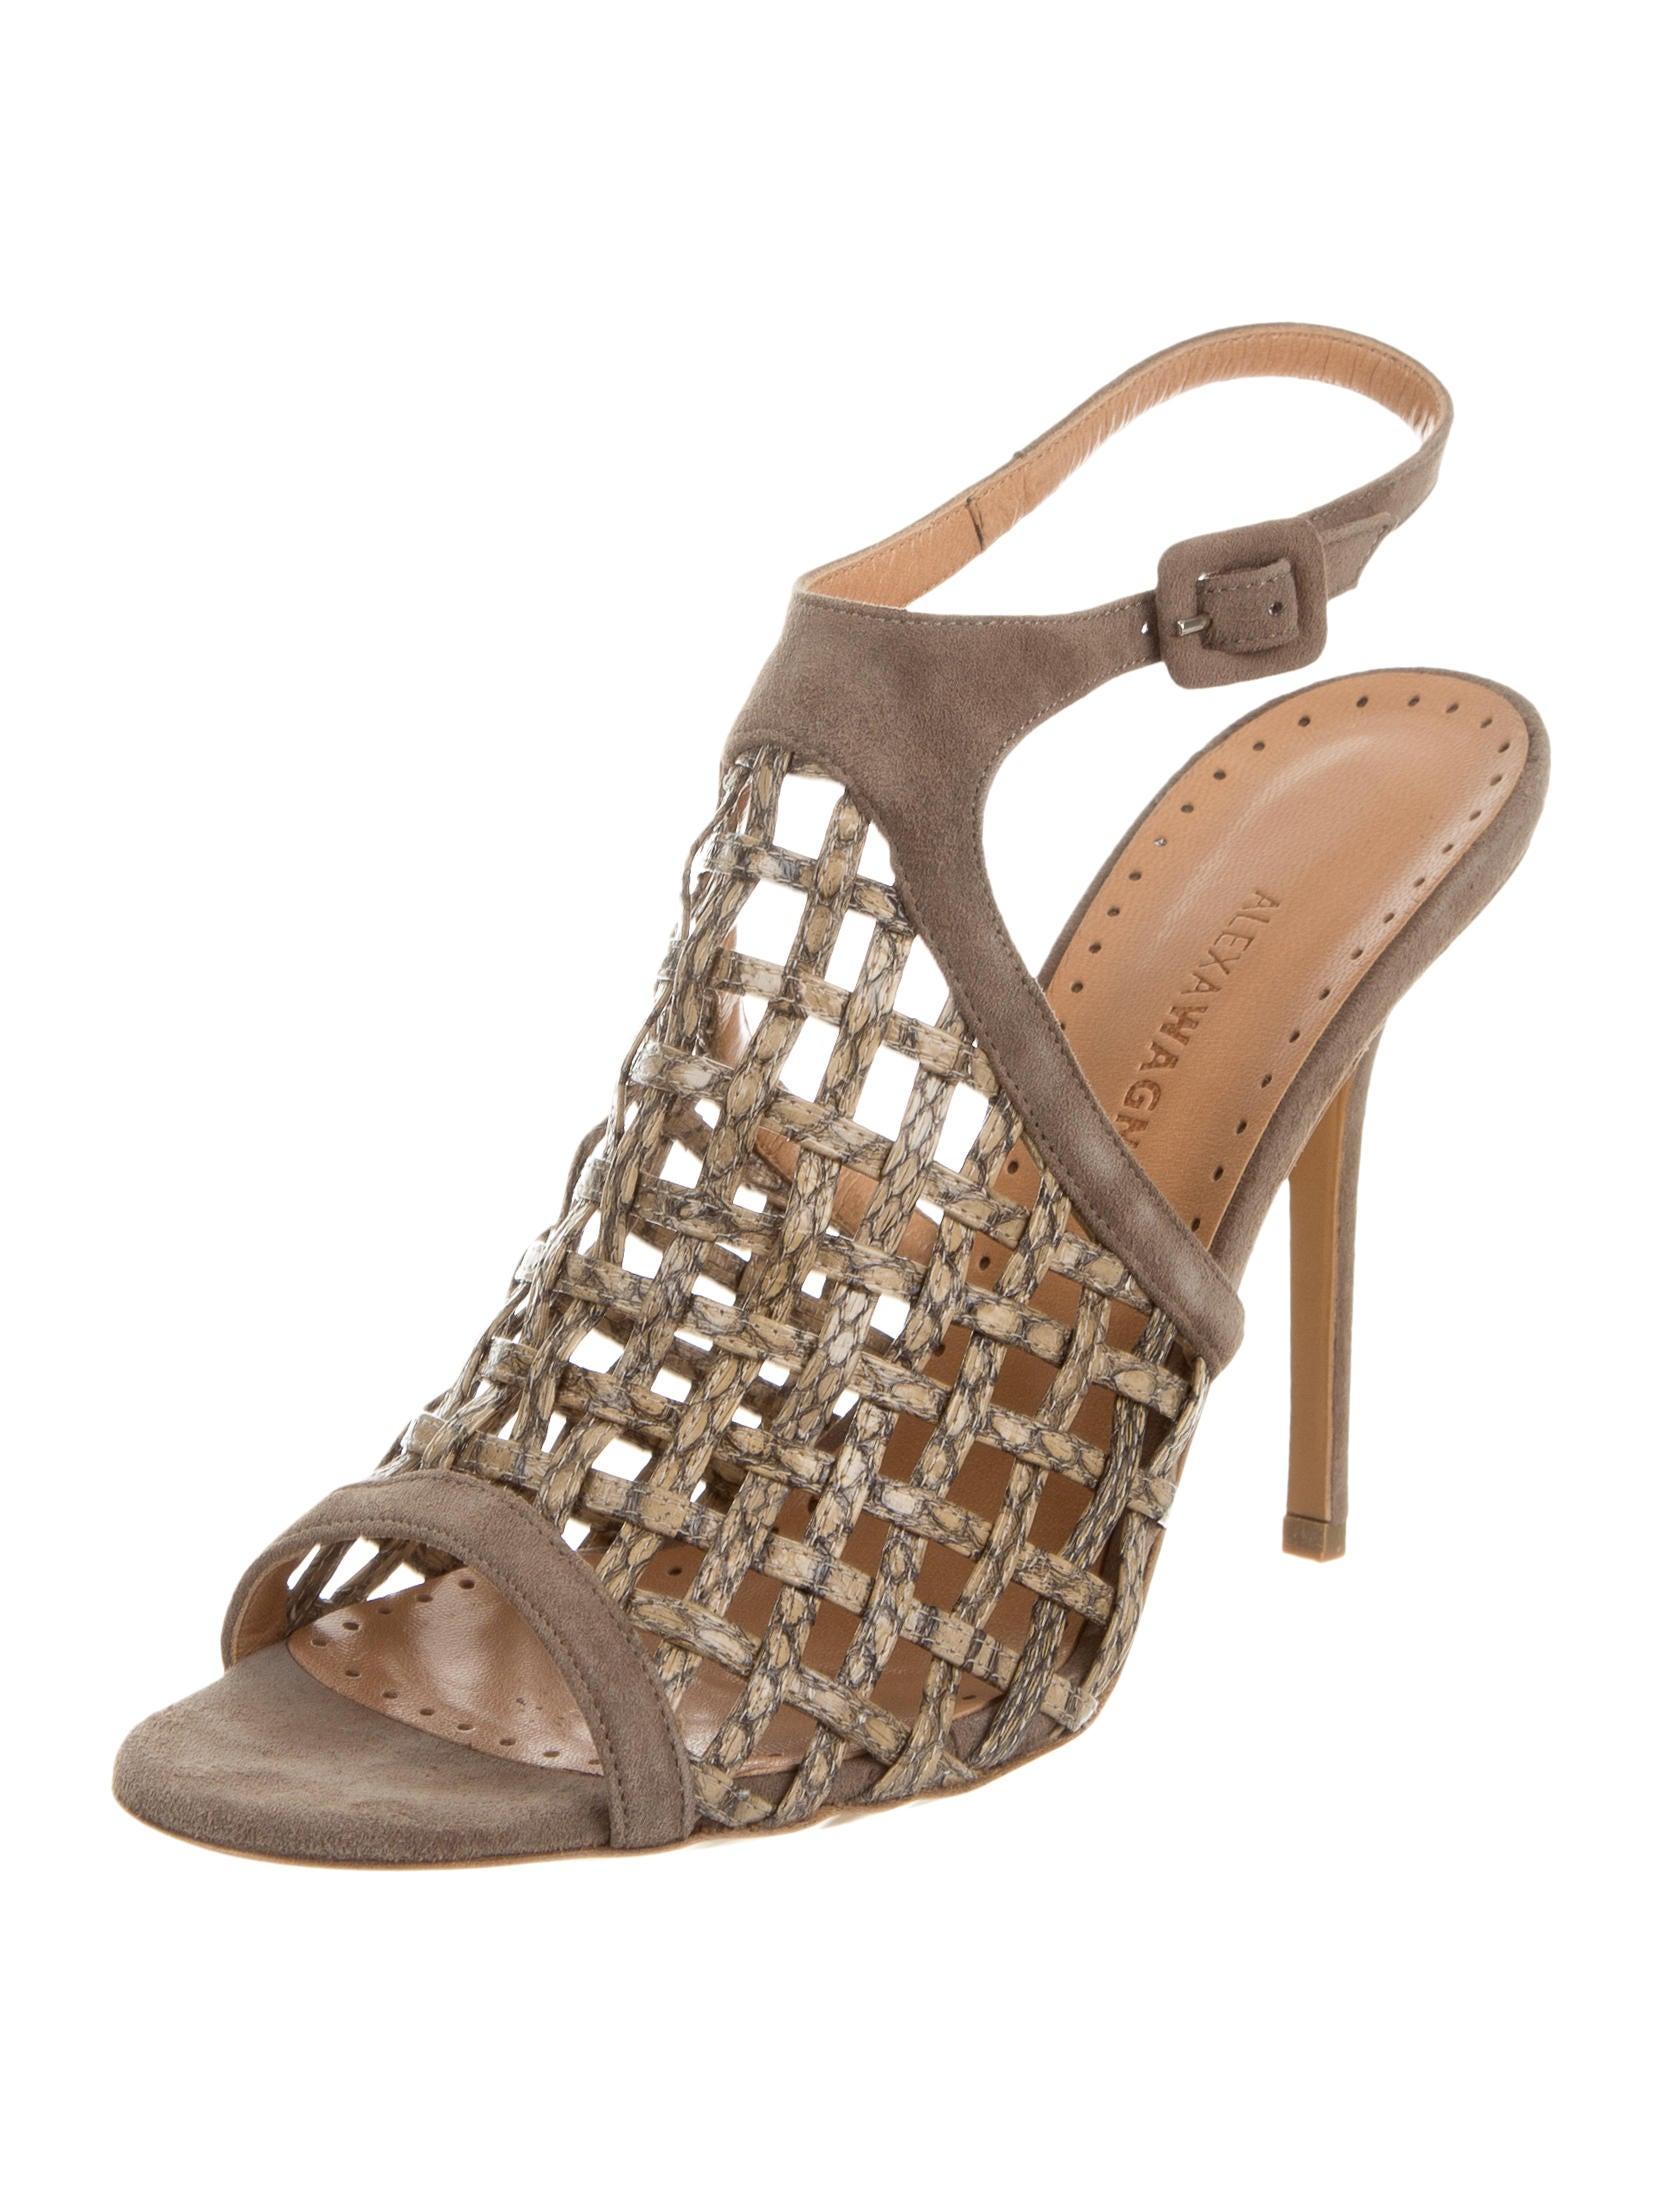 Alexa Wagner Linus Woven Sandals sale many kinds of ZFMr5V